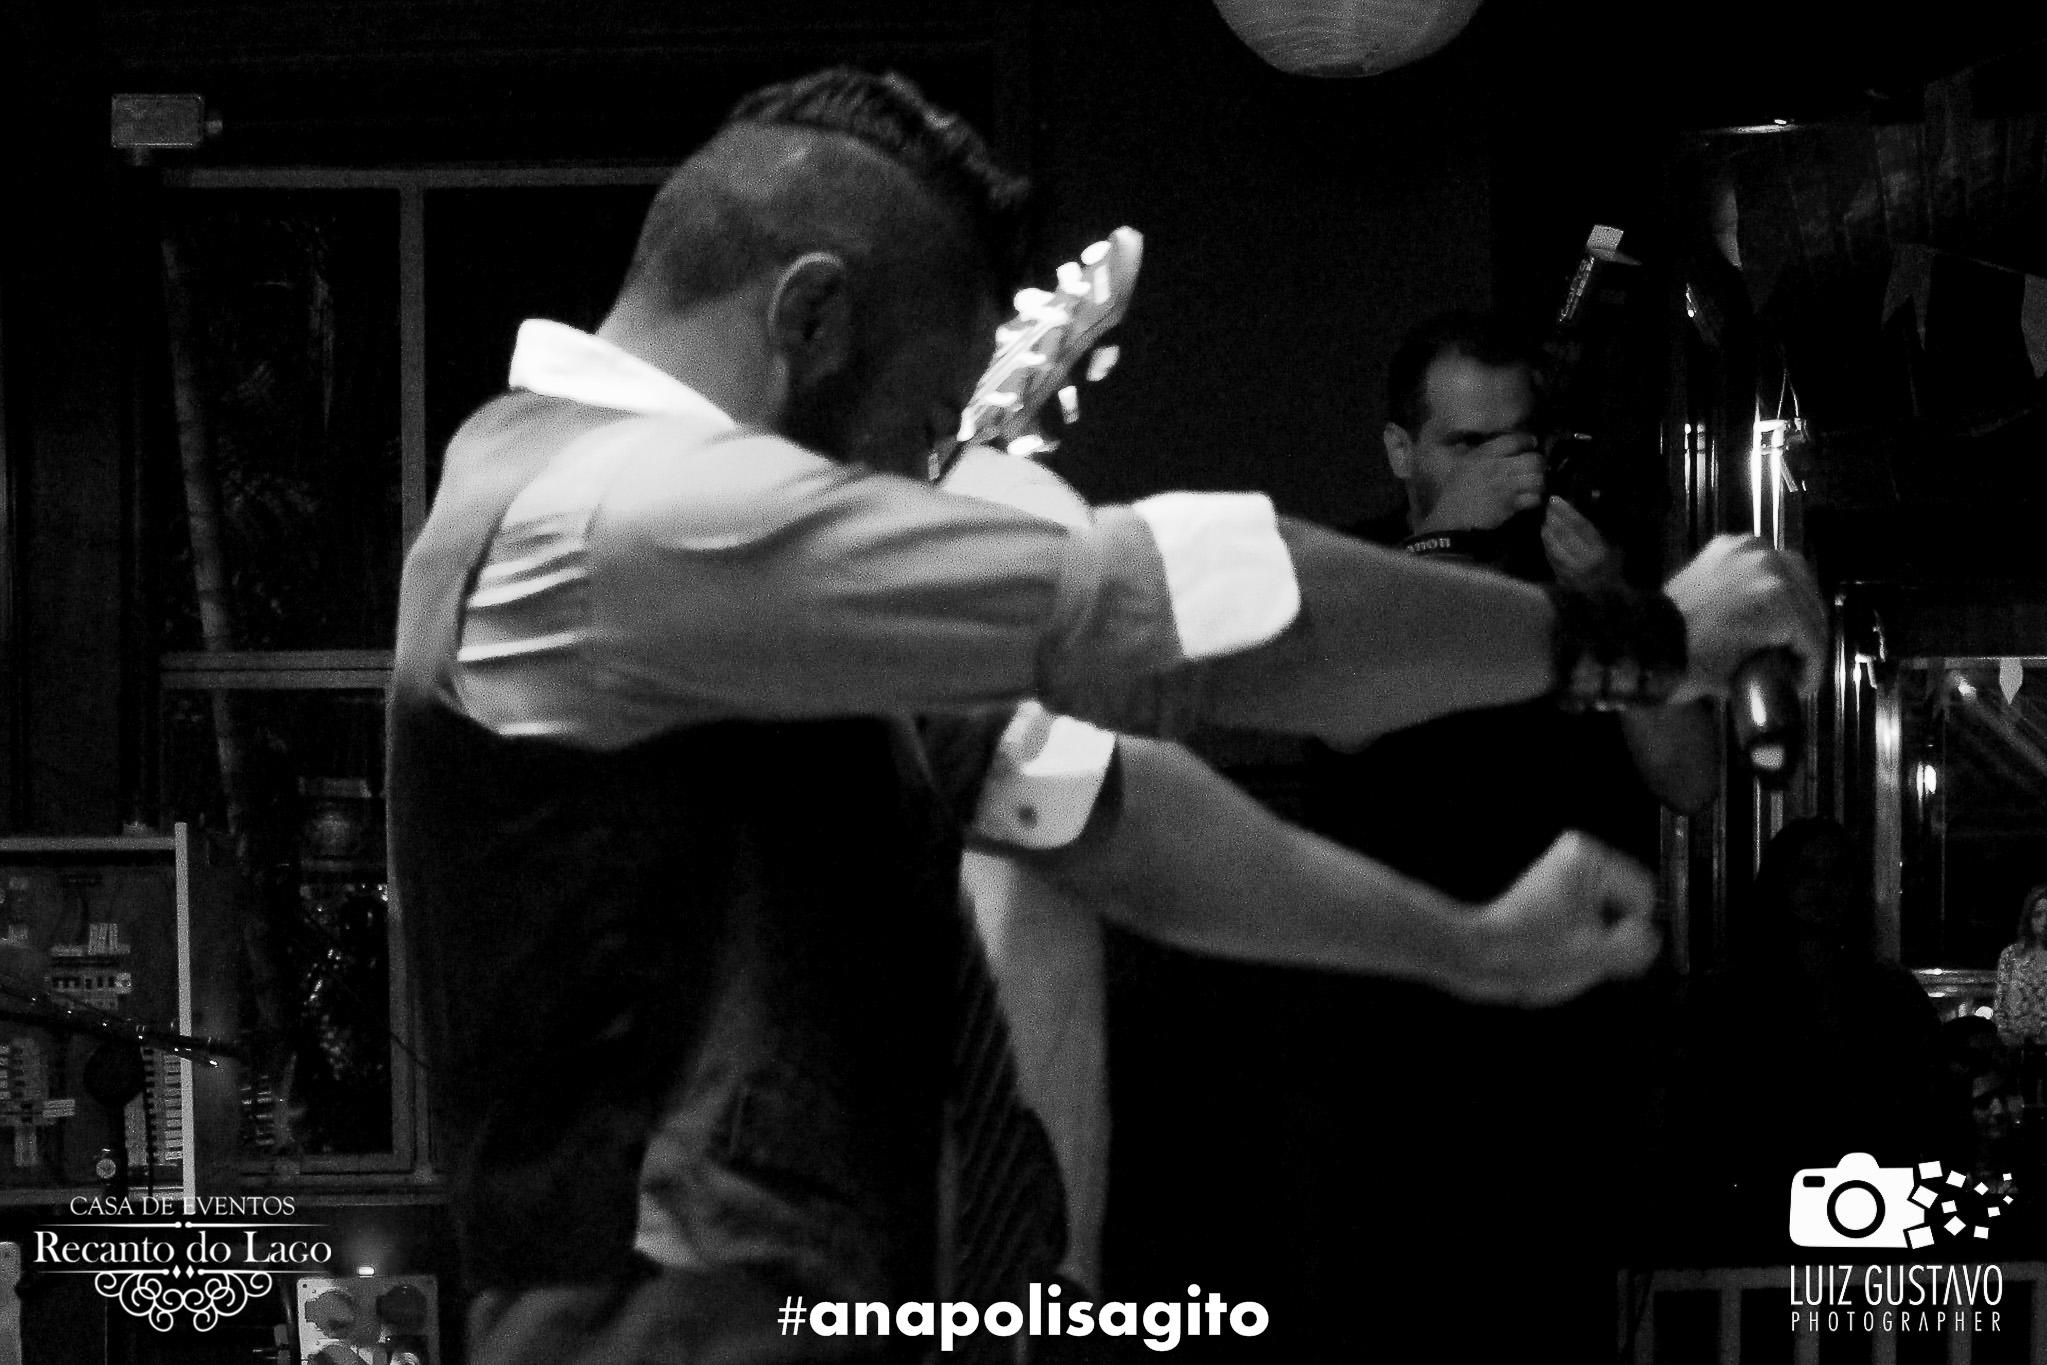 Luiz Gustavo Photographer (63 de 65)